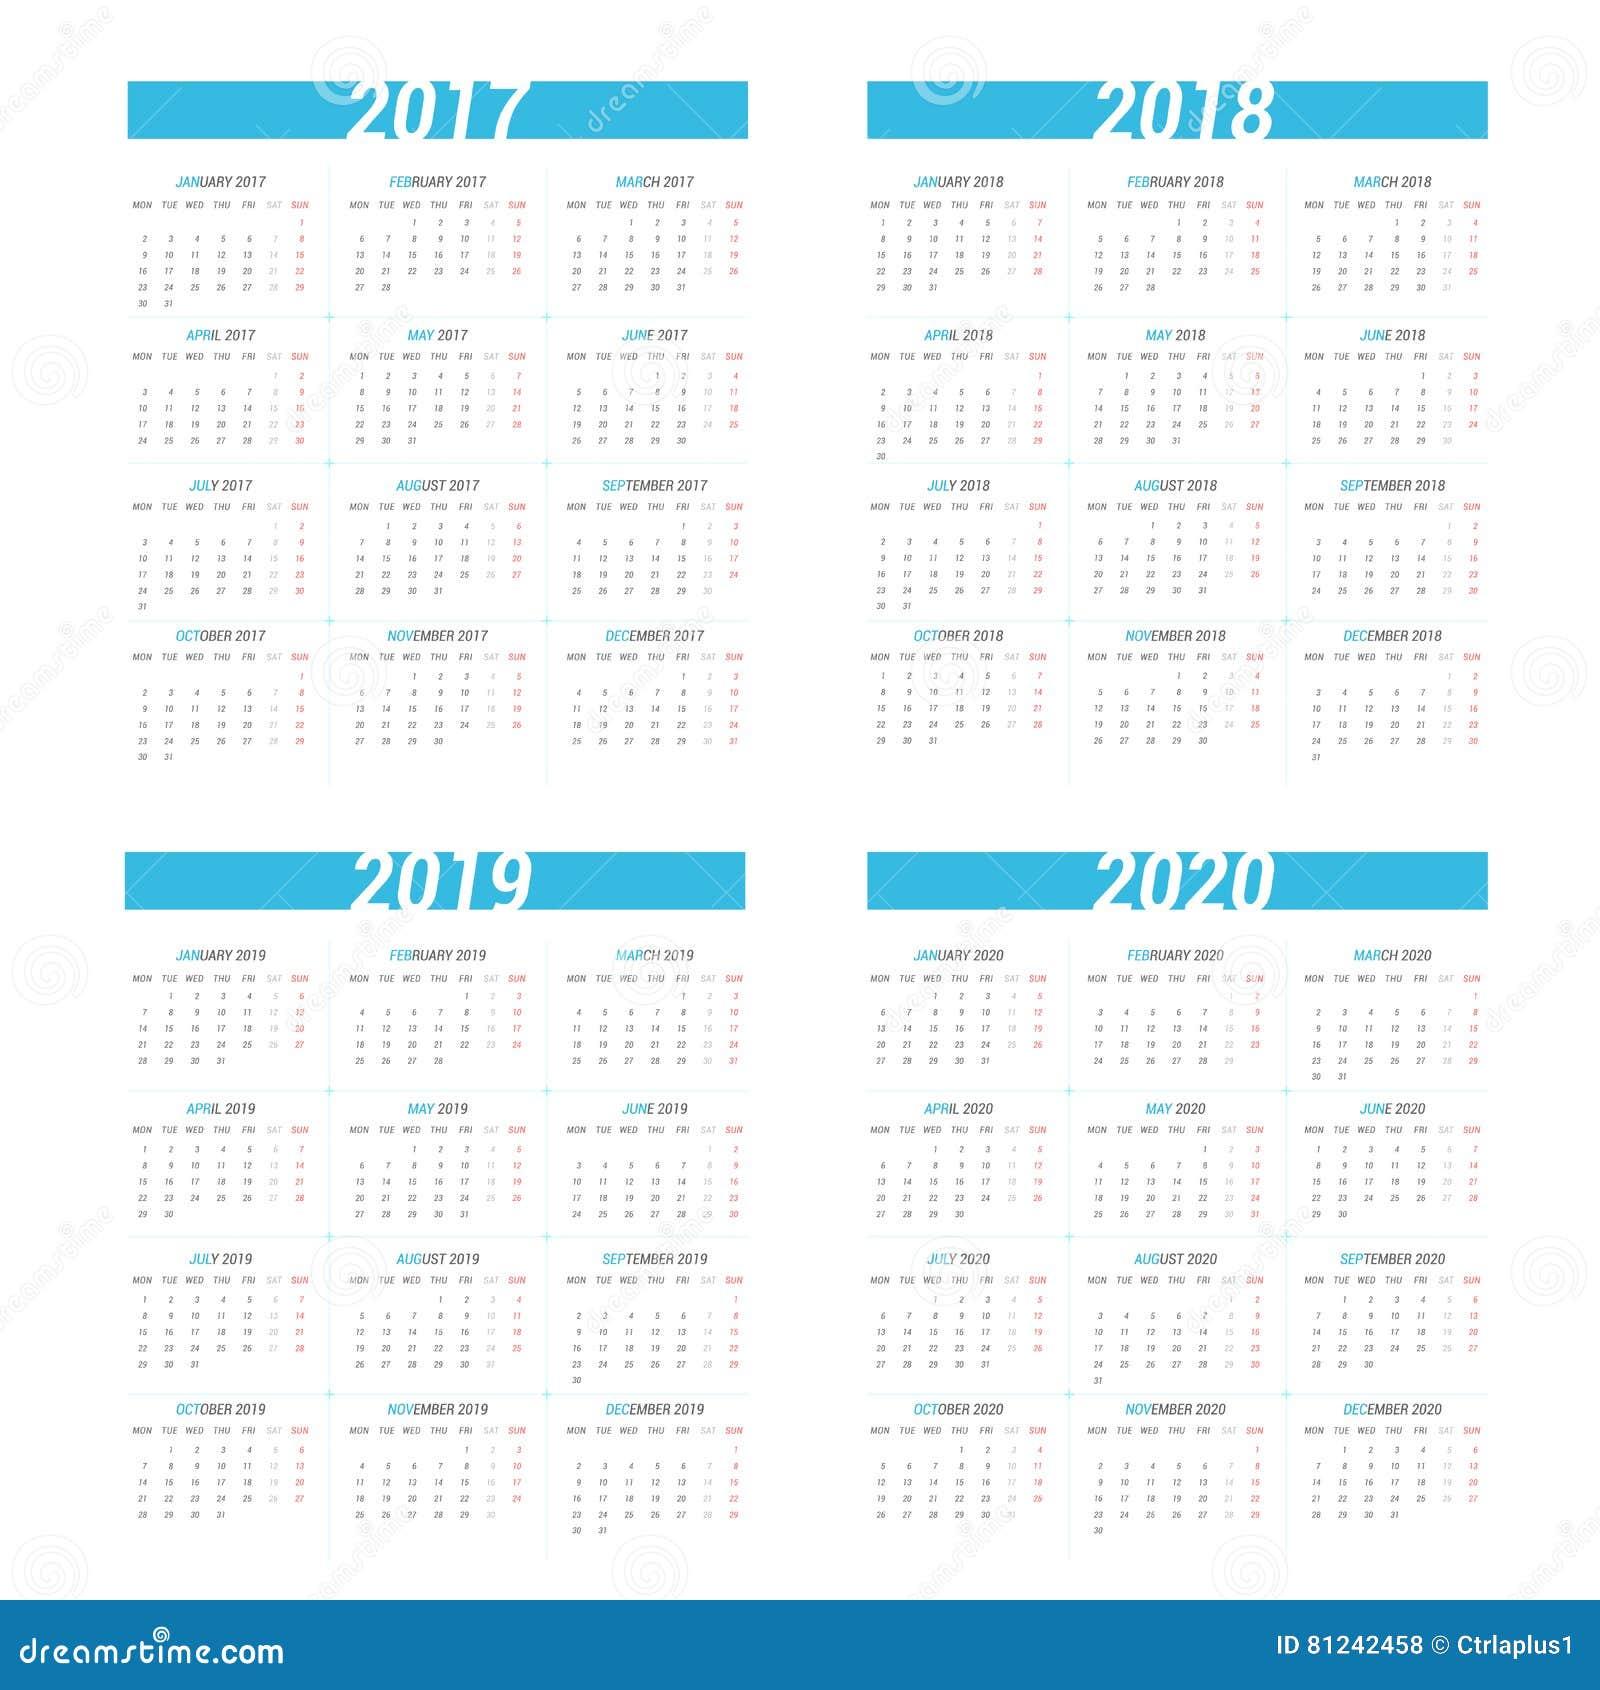 Calendario Por Semanas 2020.Calendario Simple Por 4 Anos 2017 2020 La Semana Empieza De Lunes